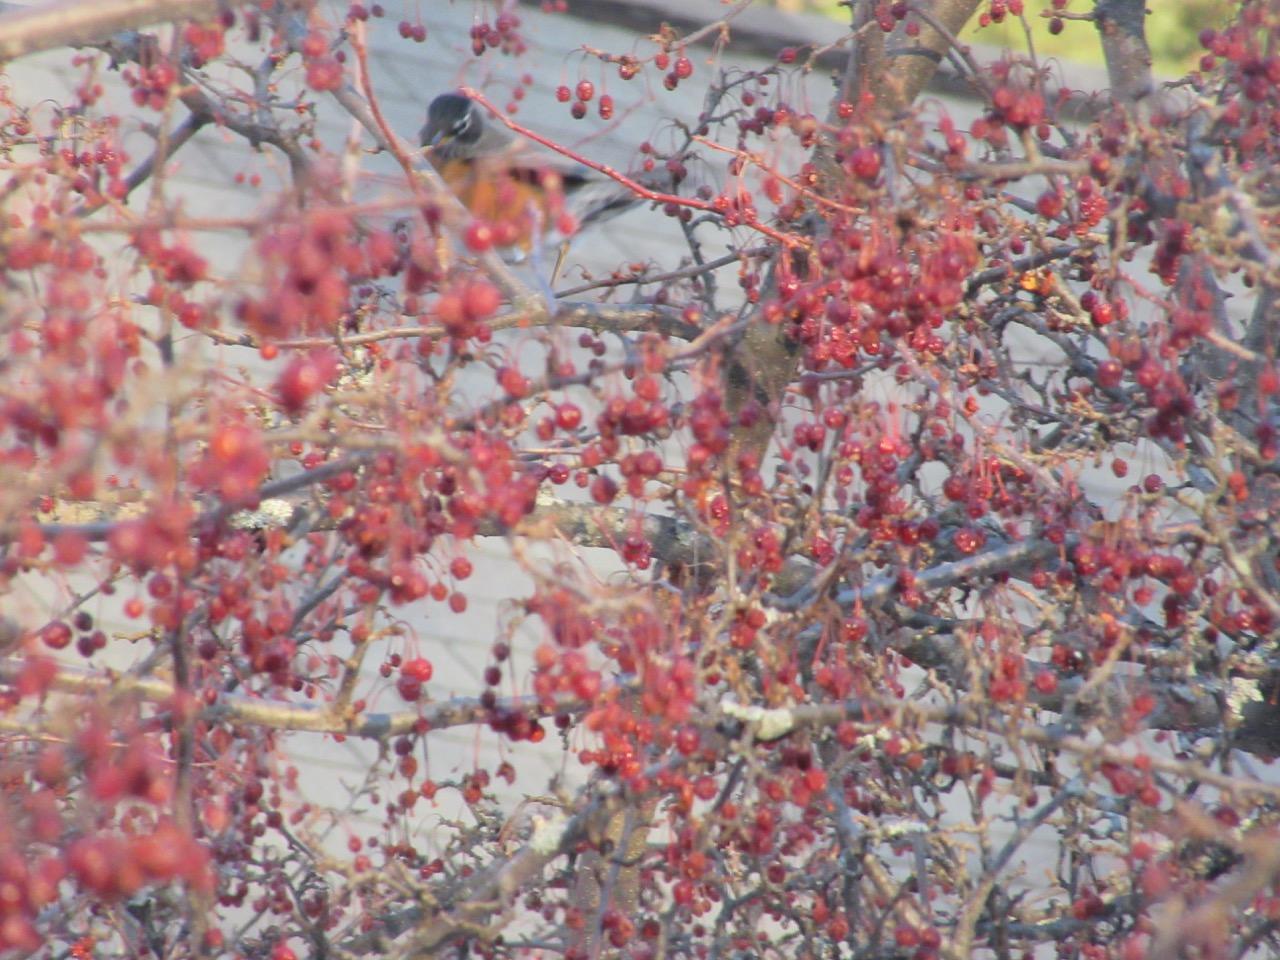 Robin hidden behind berries